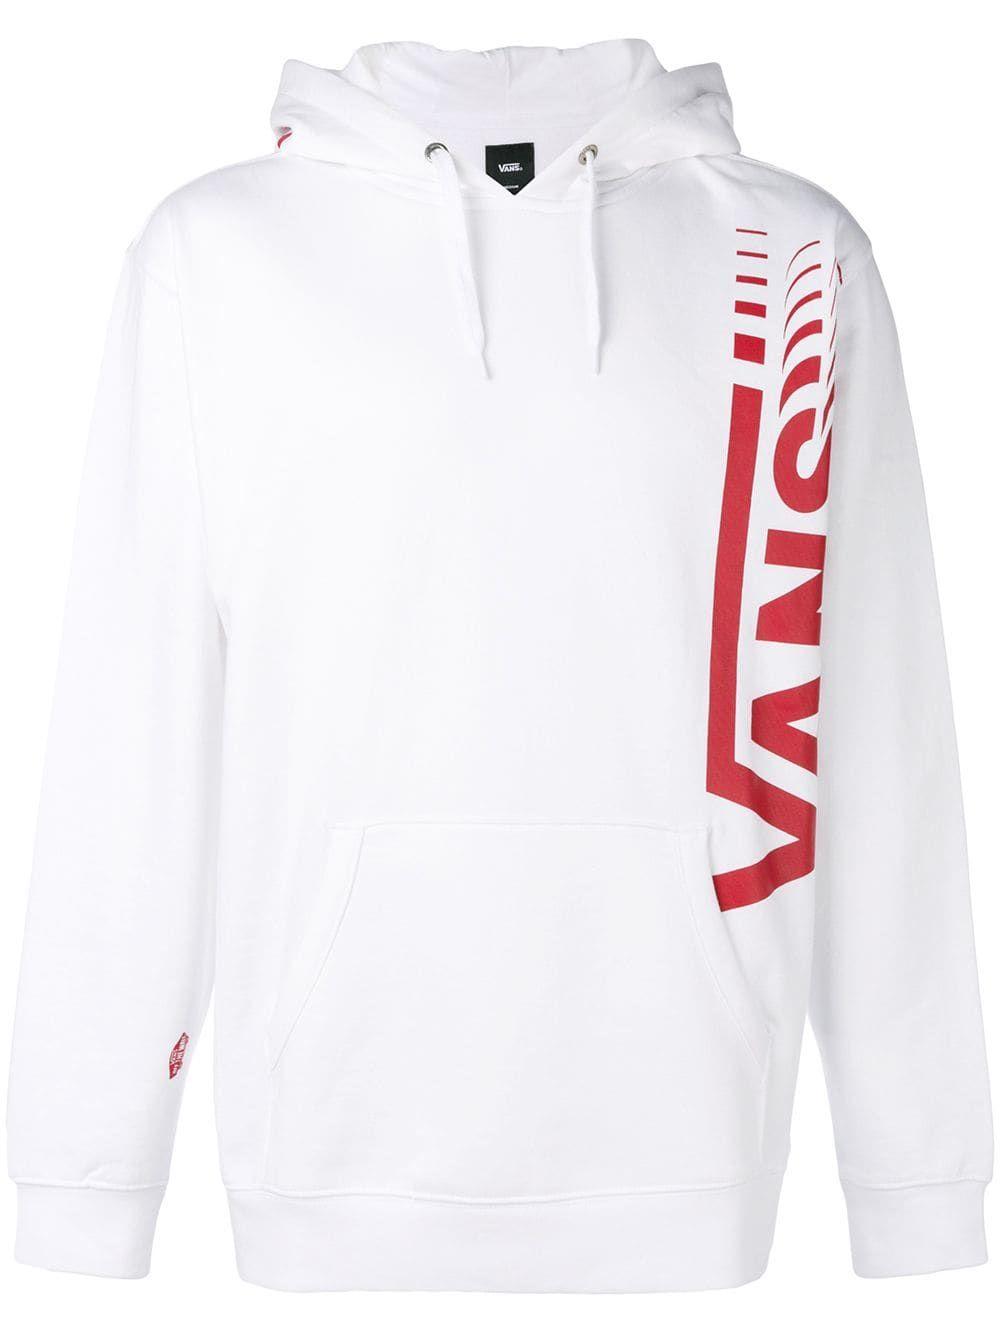 65ad1ffb68 VANS VANS DRAWSTRING LOGO HOODIE - WHITE.  vans  cloth